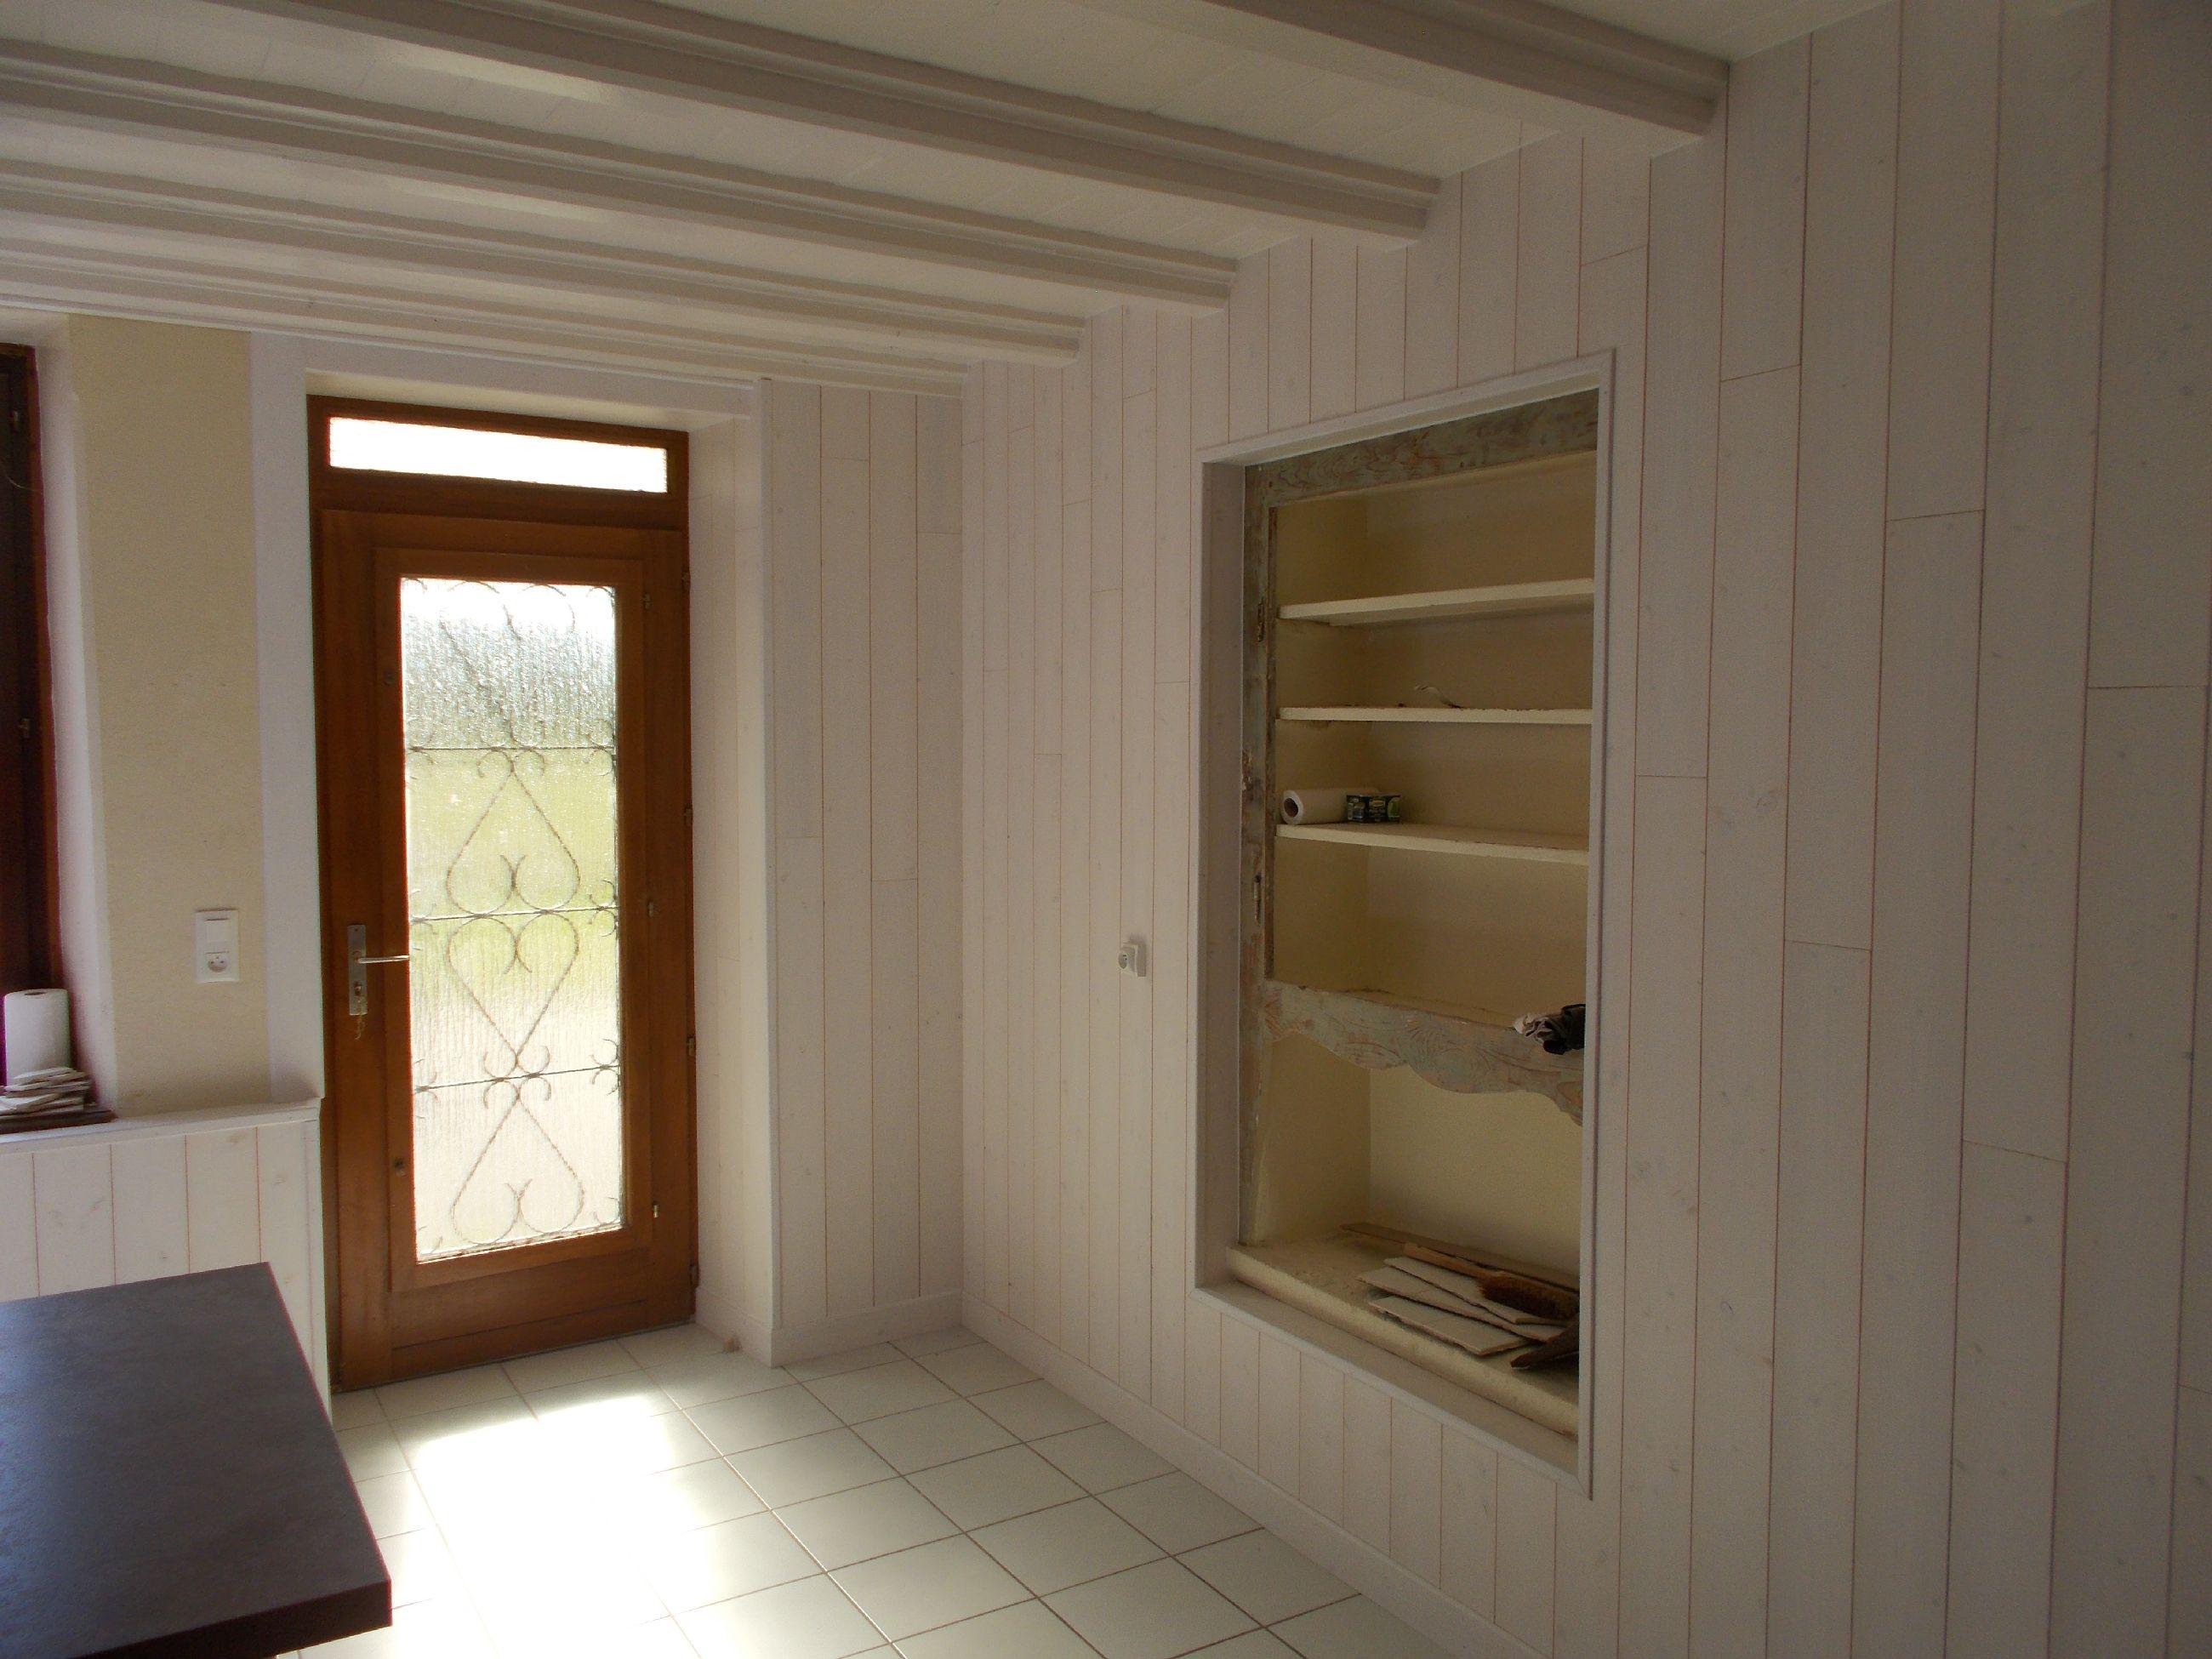 Isolation sol garage revetement sol pour isolation for Isolation d un garage mur et plafond